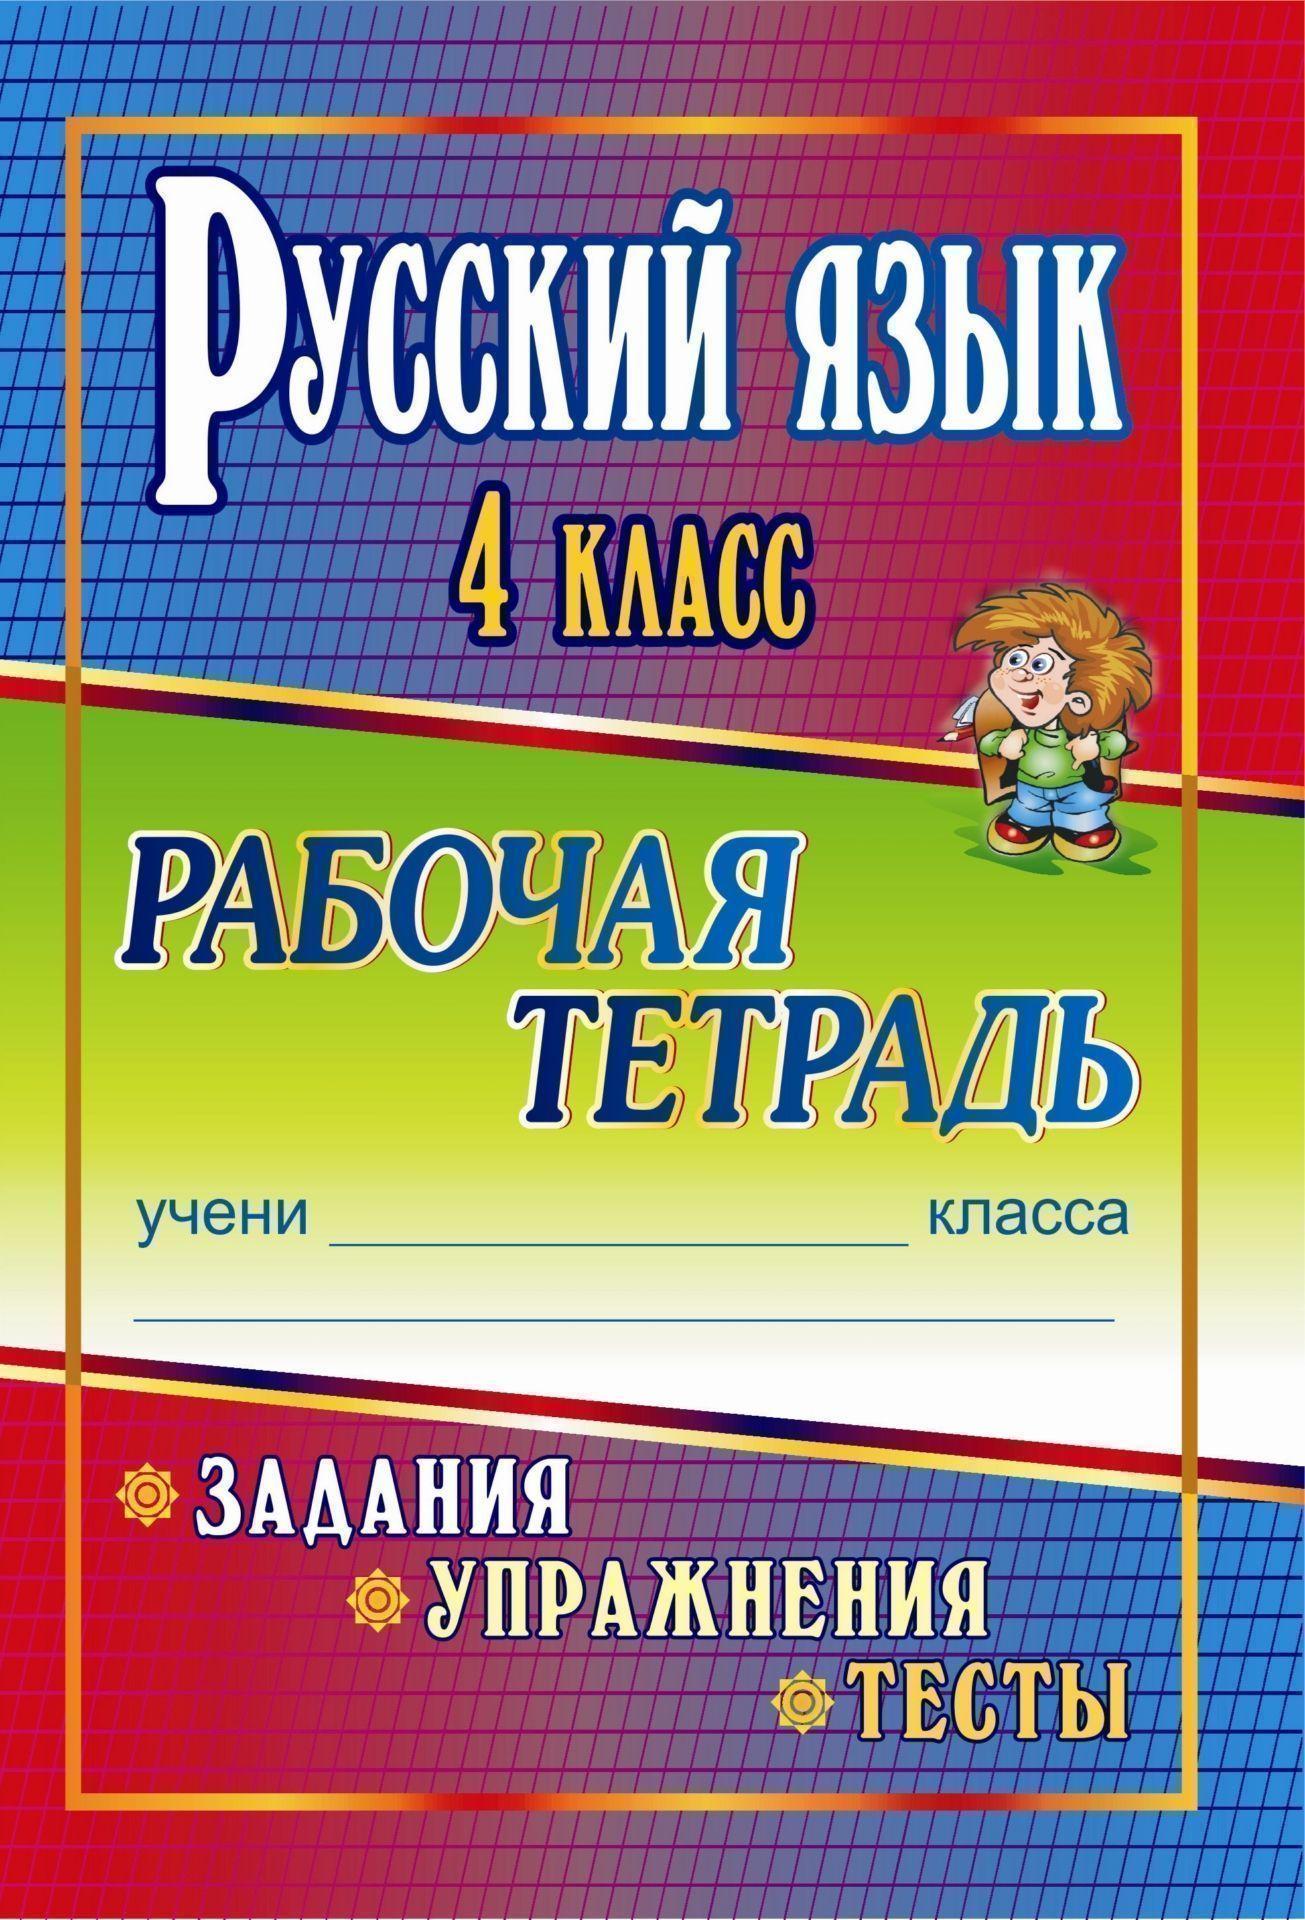 Русский язык. 4 класс. Задания, упражнения, тесты: рабочая тетрадь